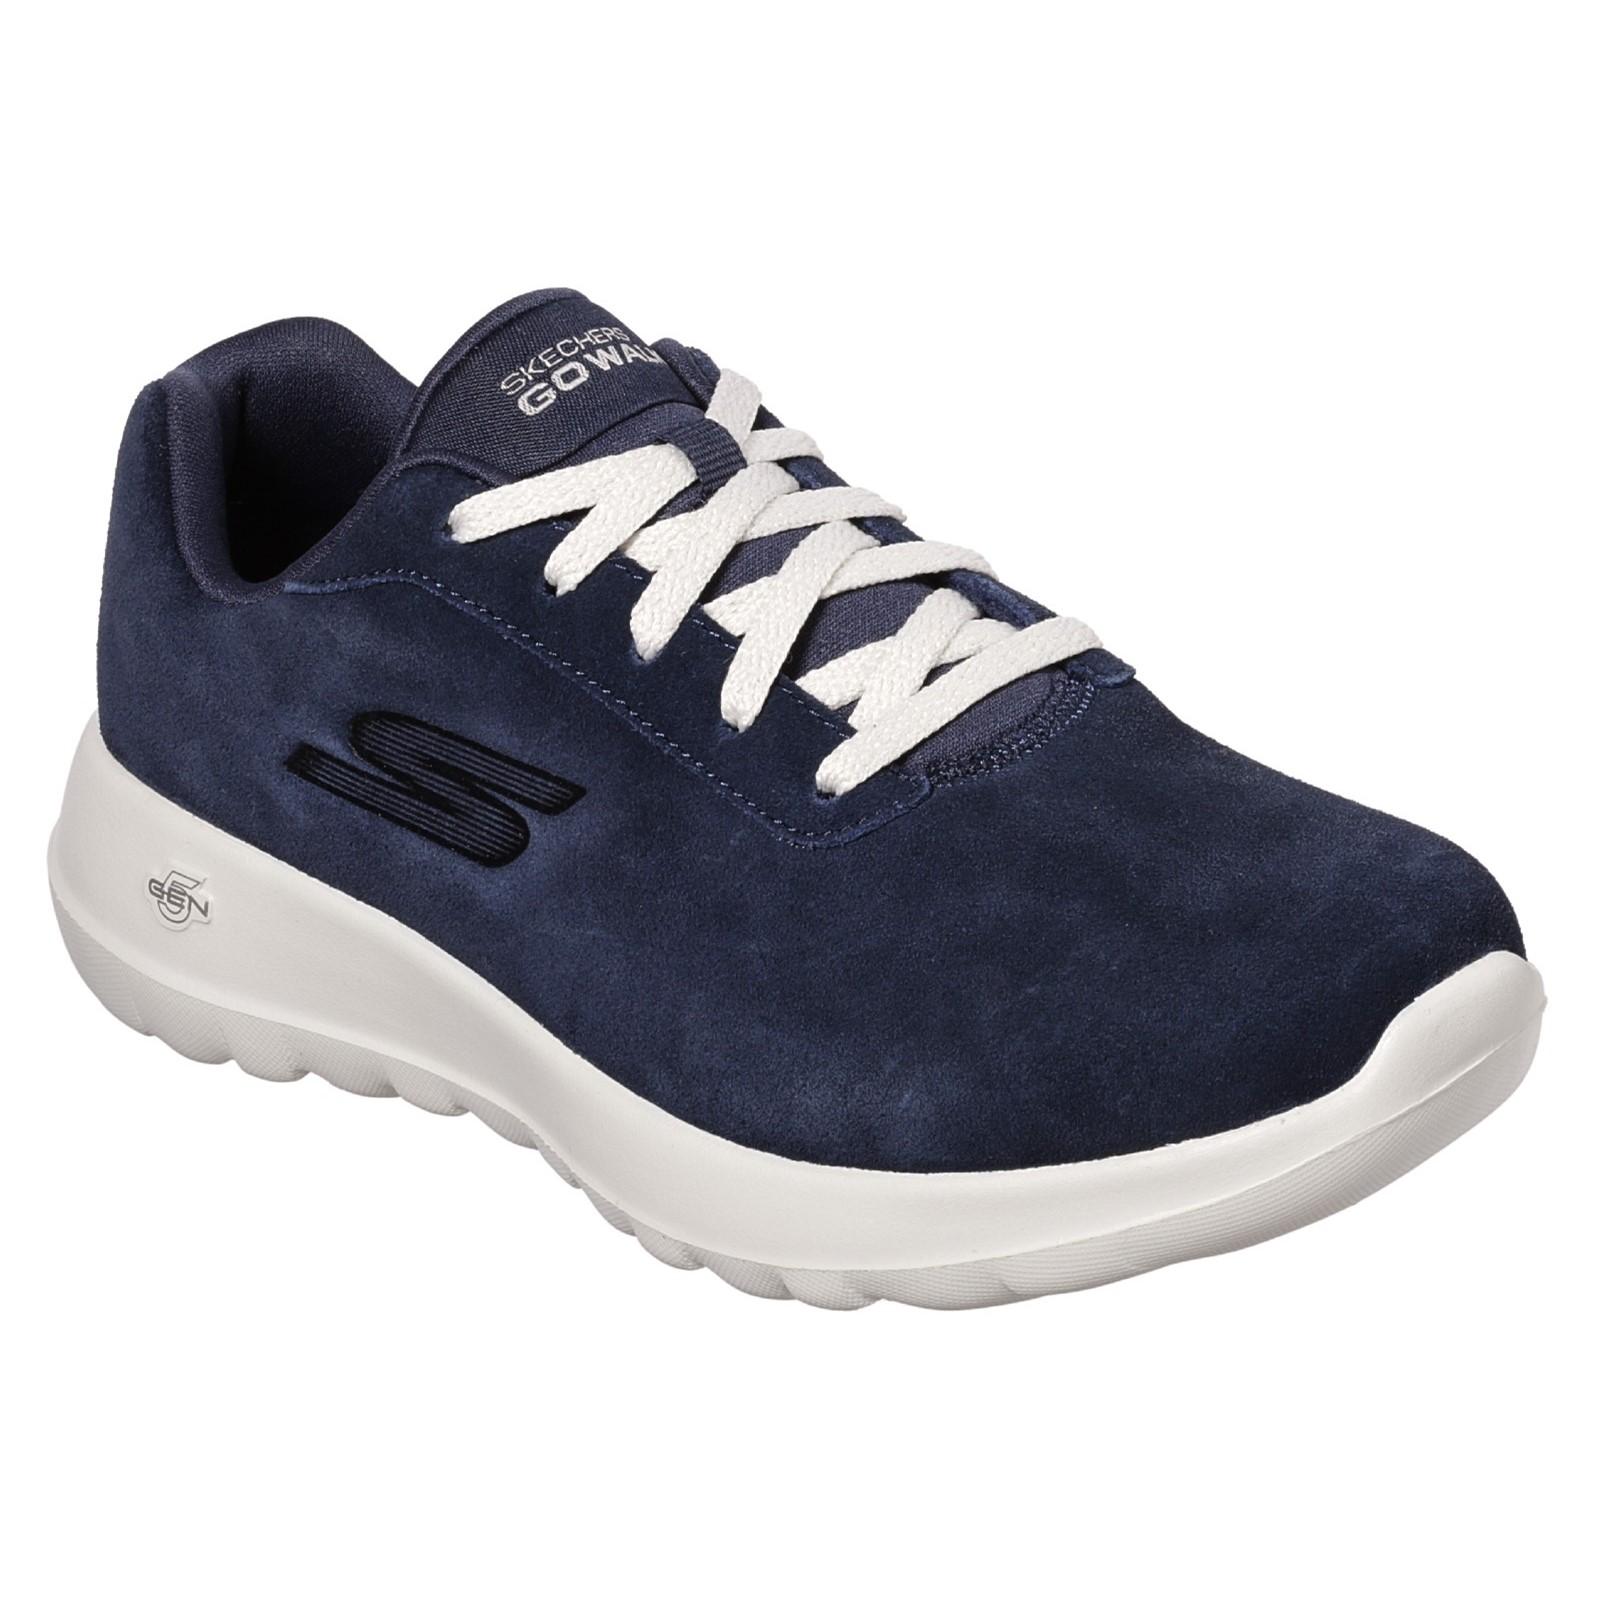 Skechers Womens Go Walk Joy shoes